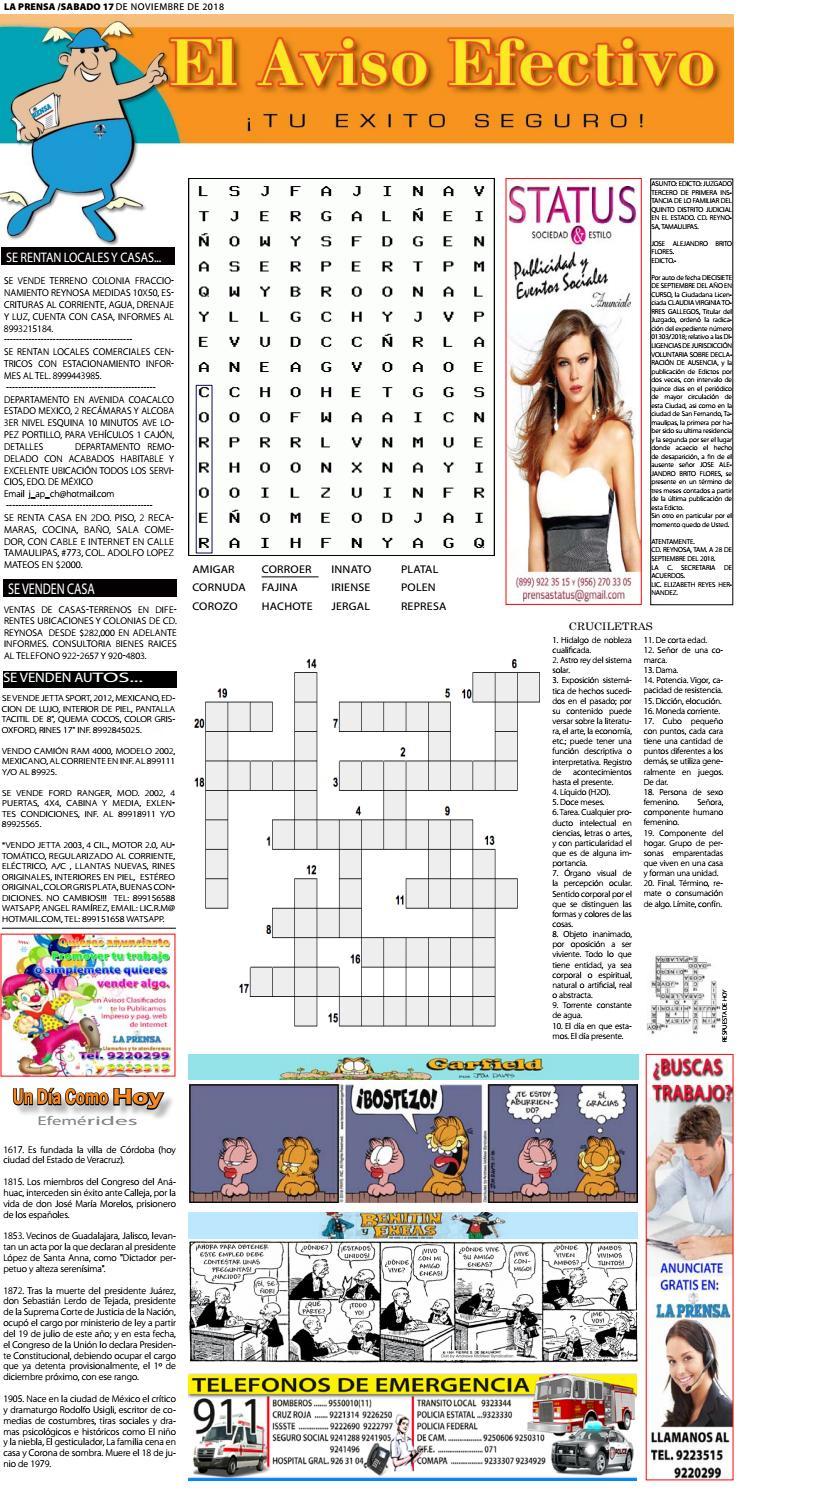 Rodolfo Usigli El Gesticulador Download